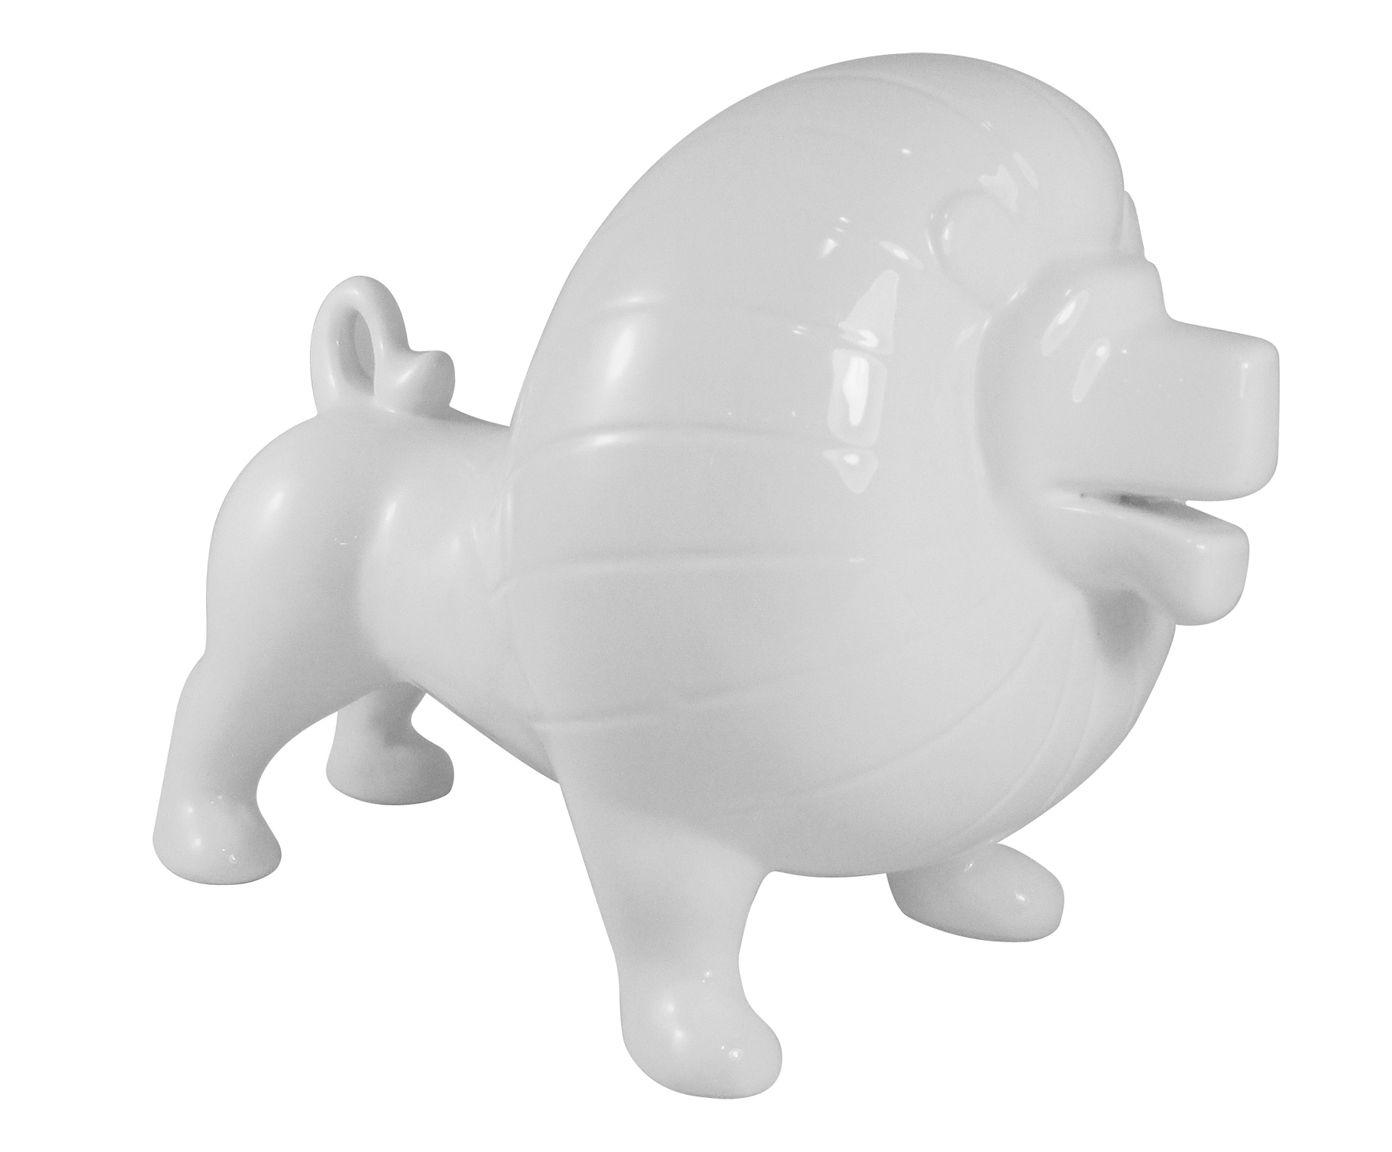 Adorno Leão Branco - 29X22X18cm | Westwing.com.br